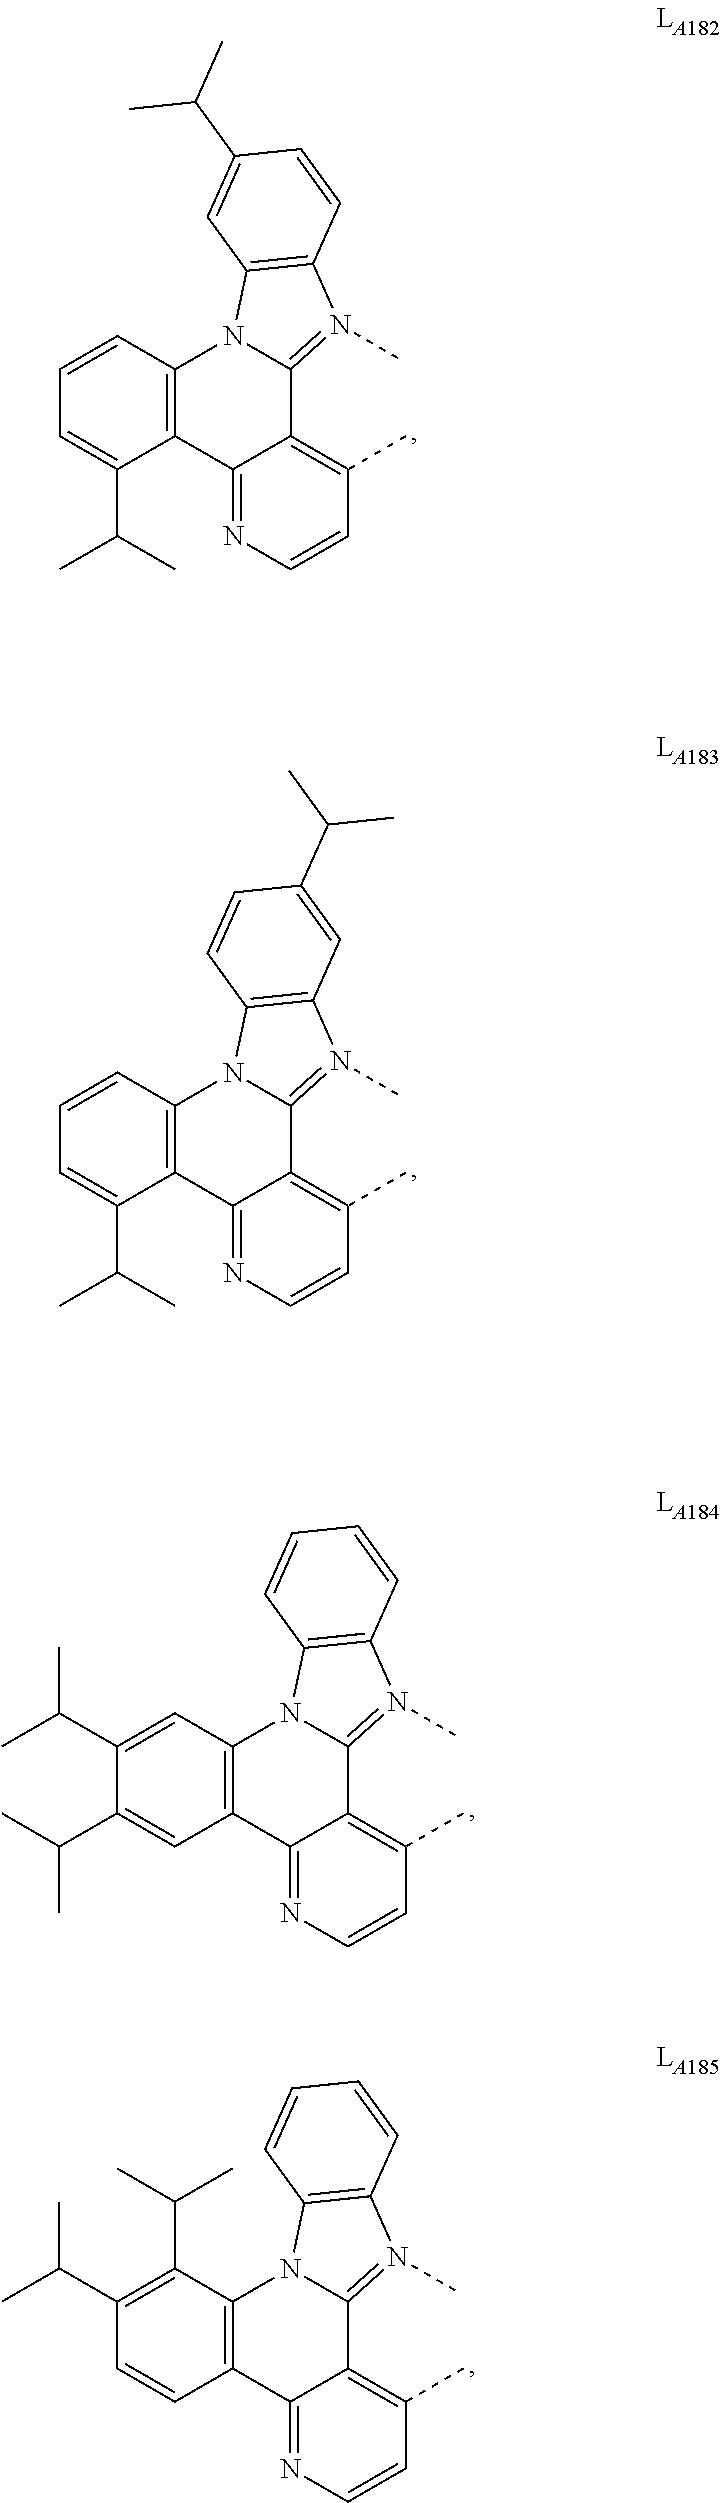 Figure US09905785-20180227-C00067